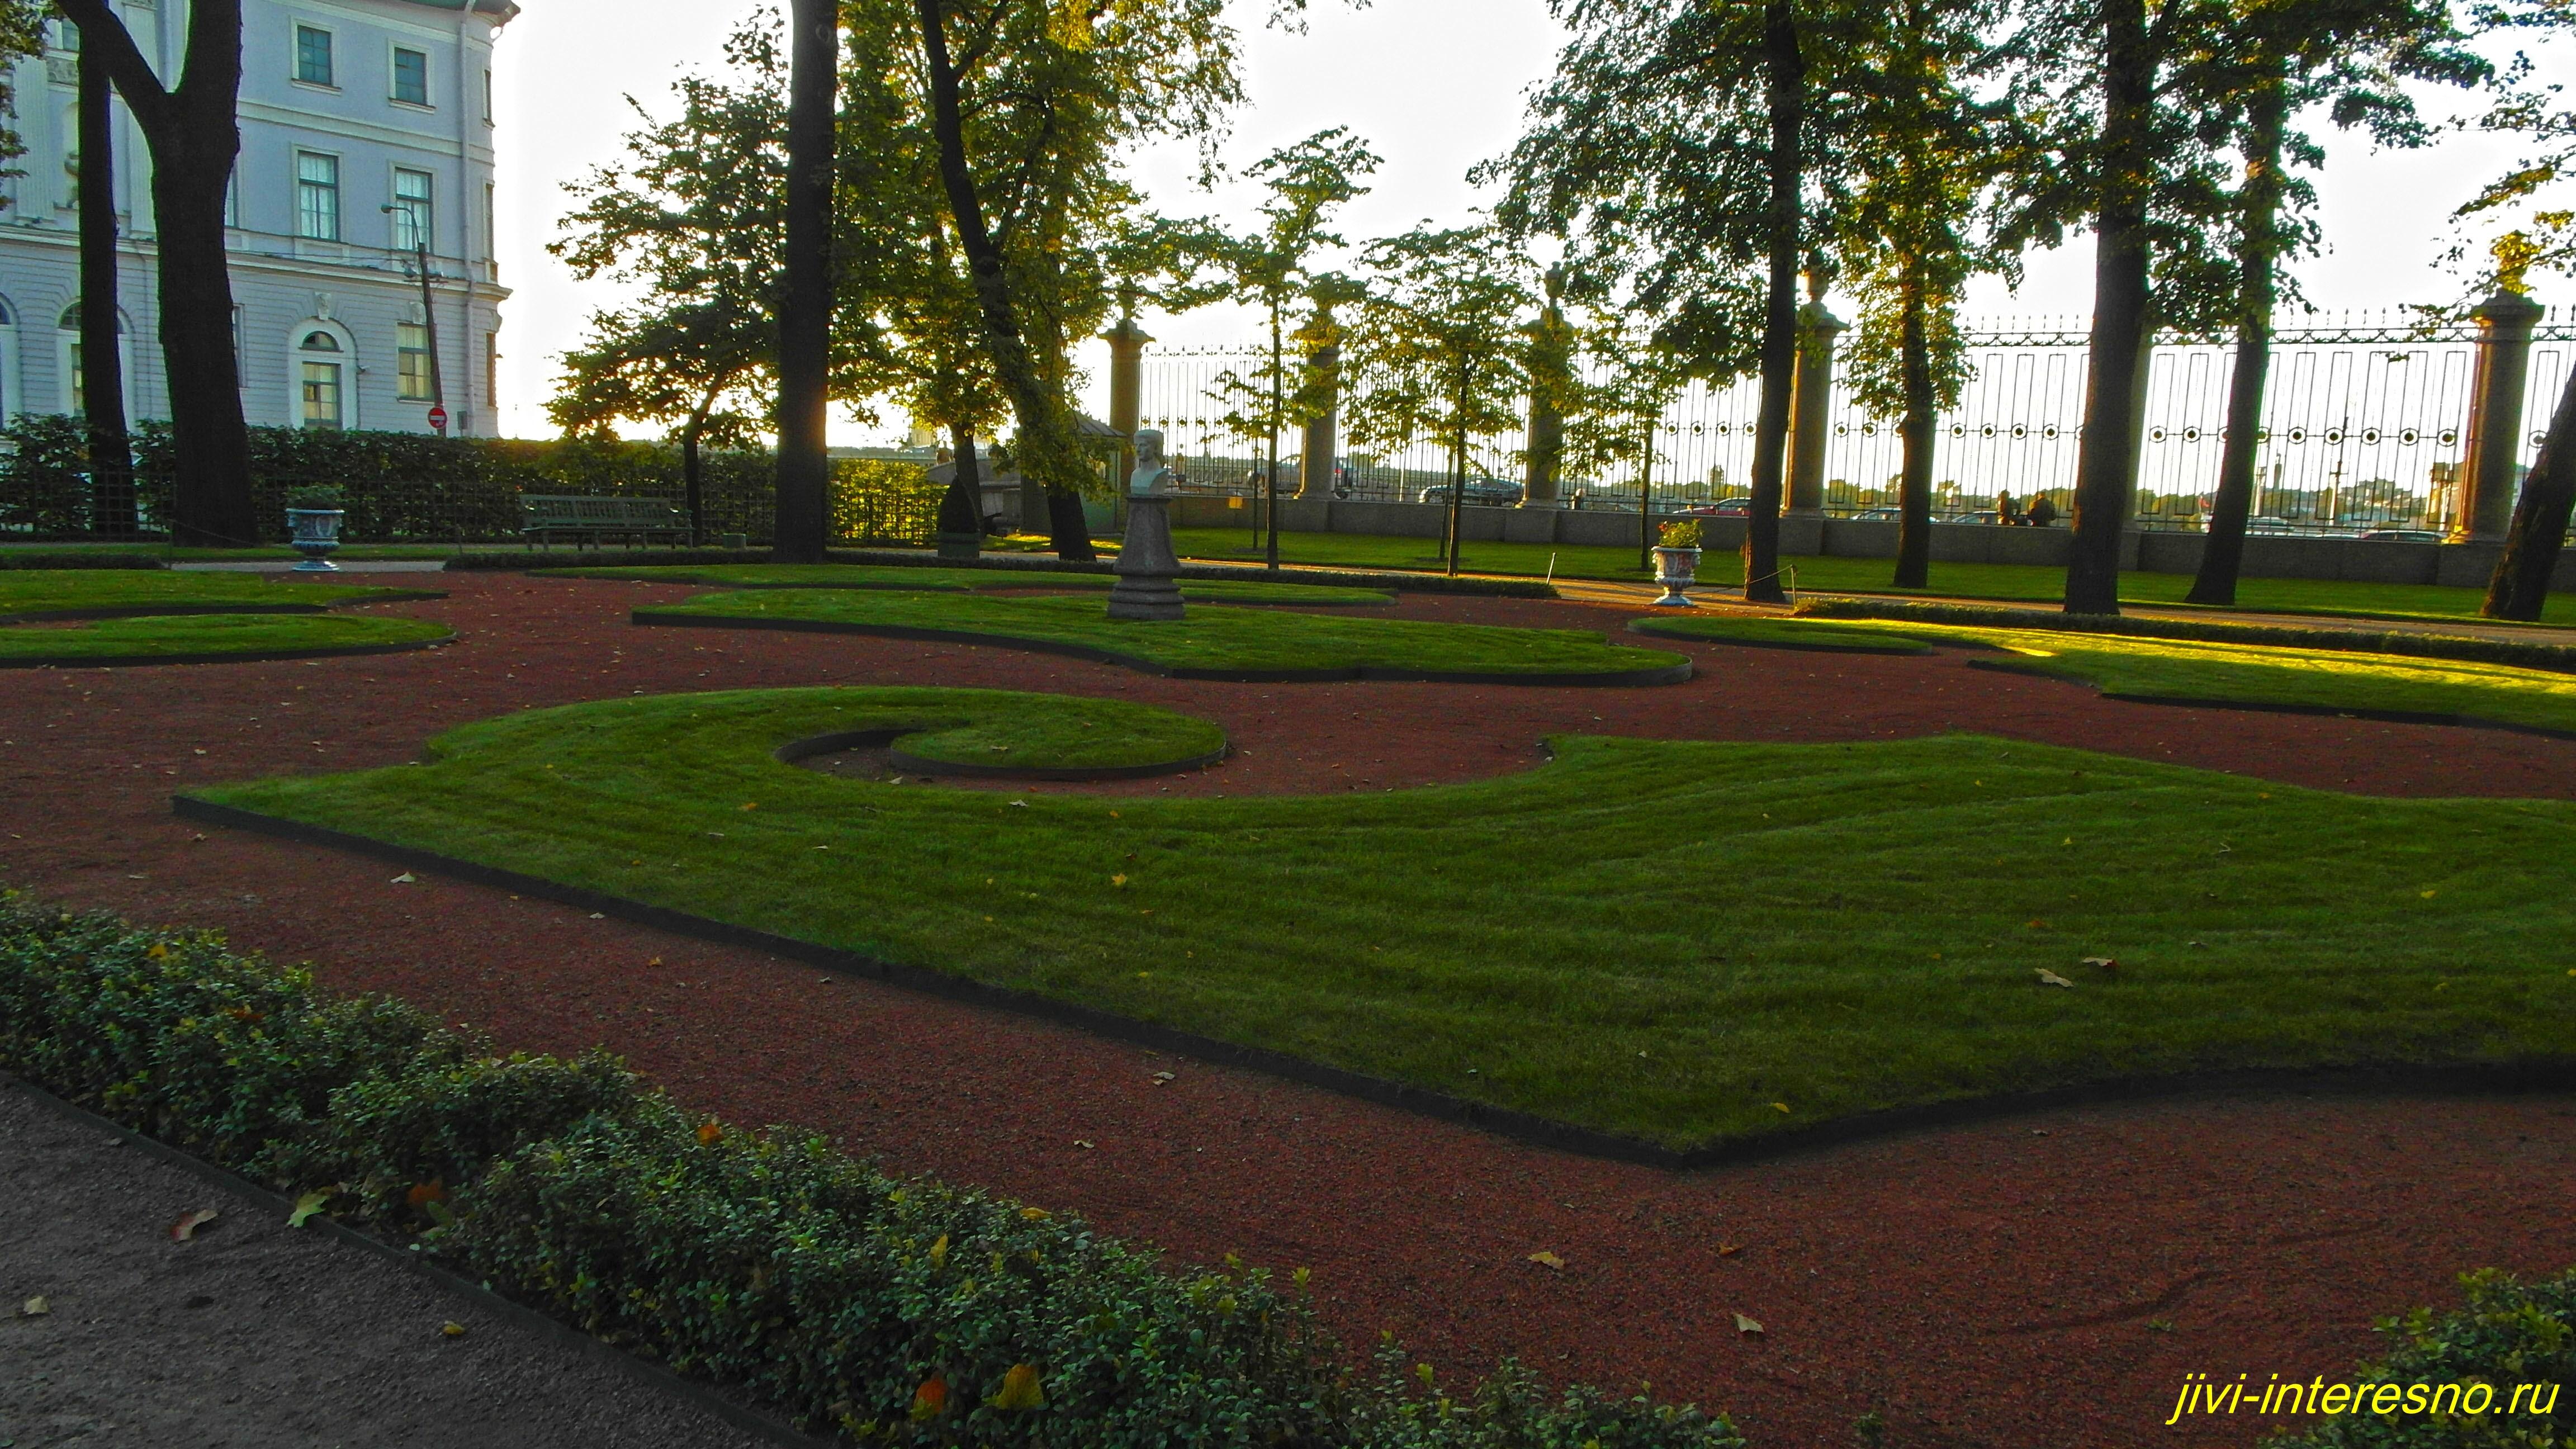 Летний сад в Питере в сентябре